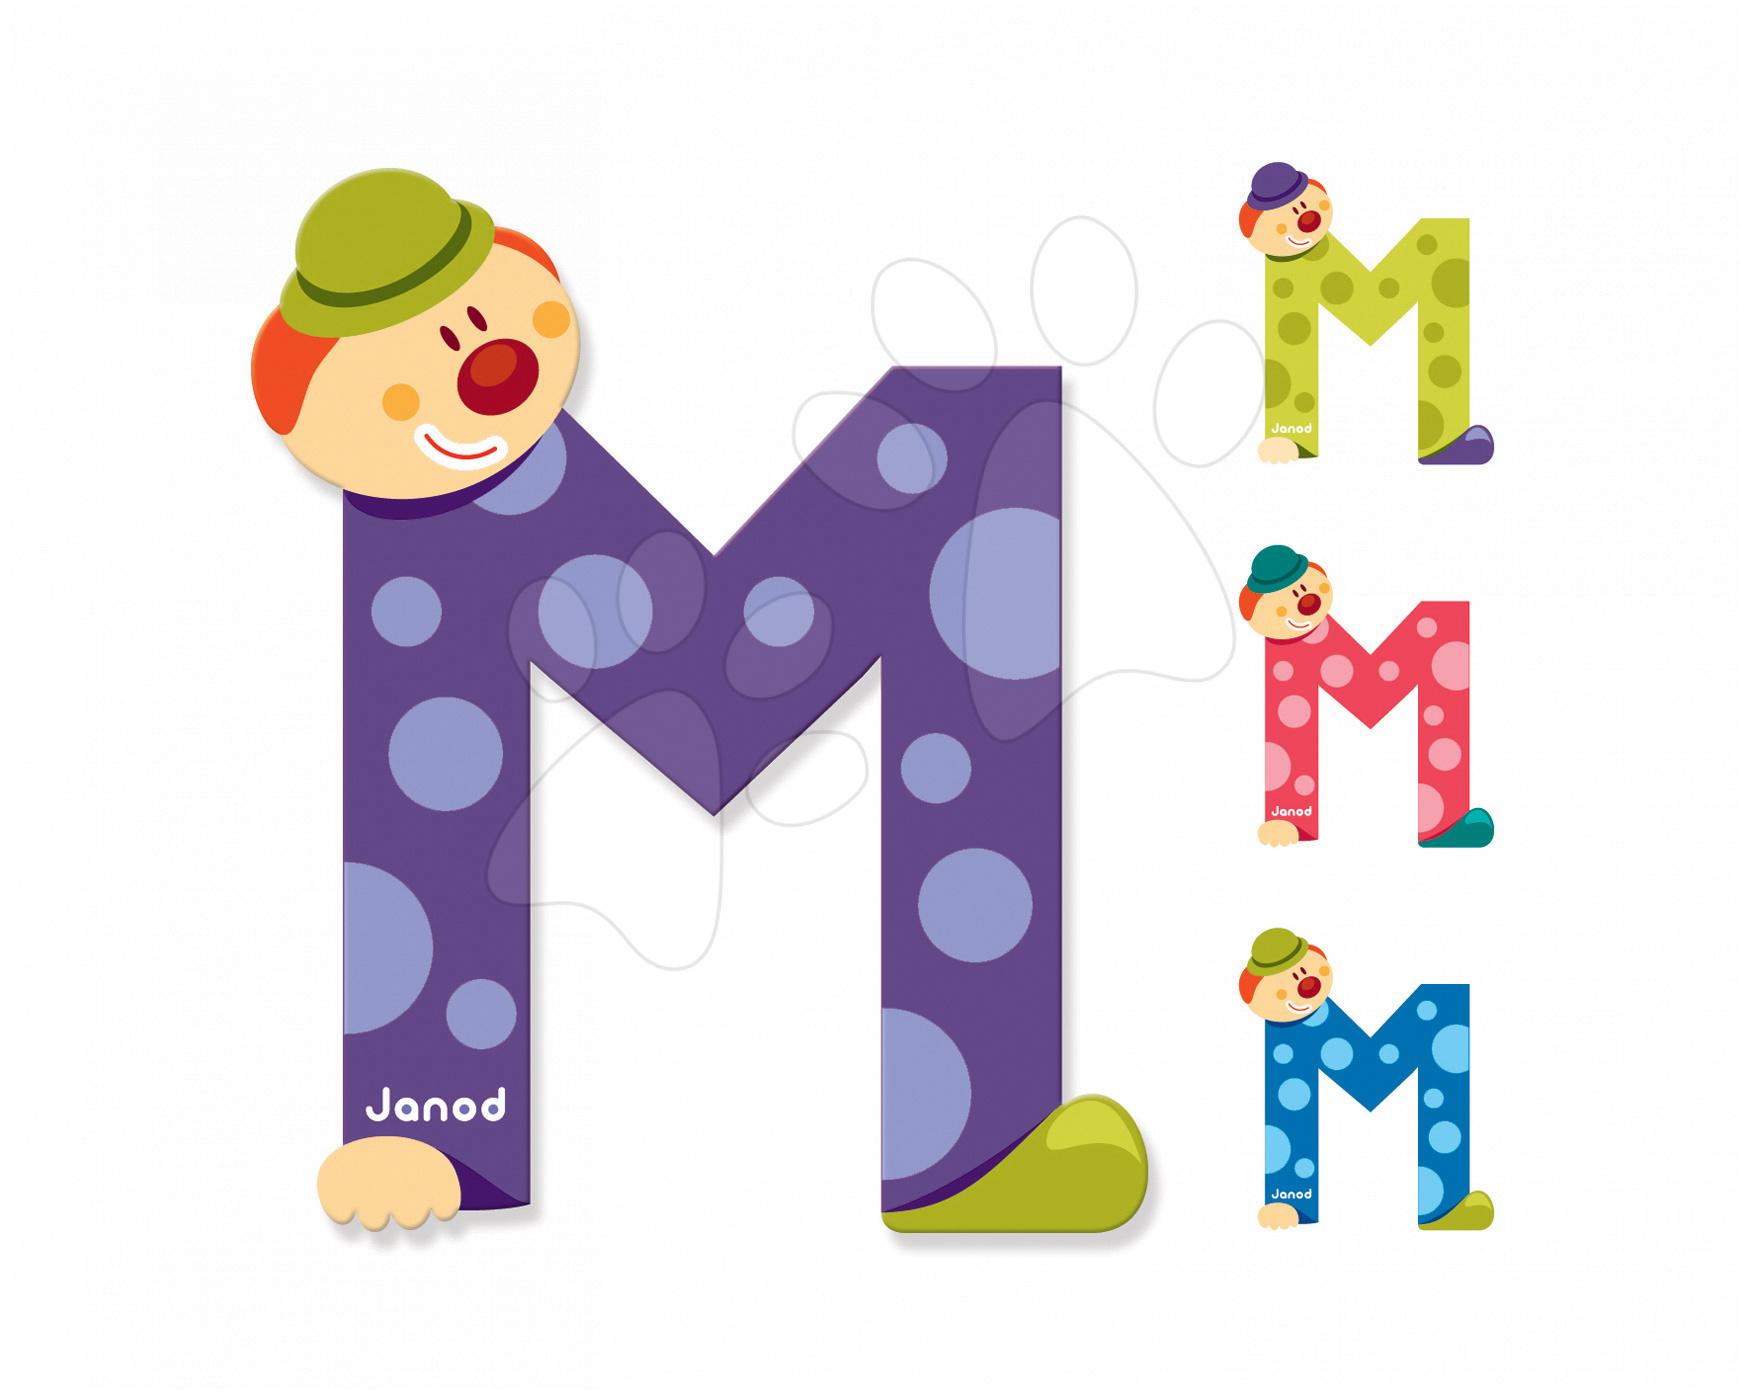 Dekorácie do detských izieb - Drevené písmeno M Clown Letter Janod lepiace 9 cm modré/zelené/fialové/ružové od 3 rokov